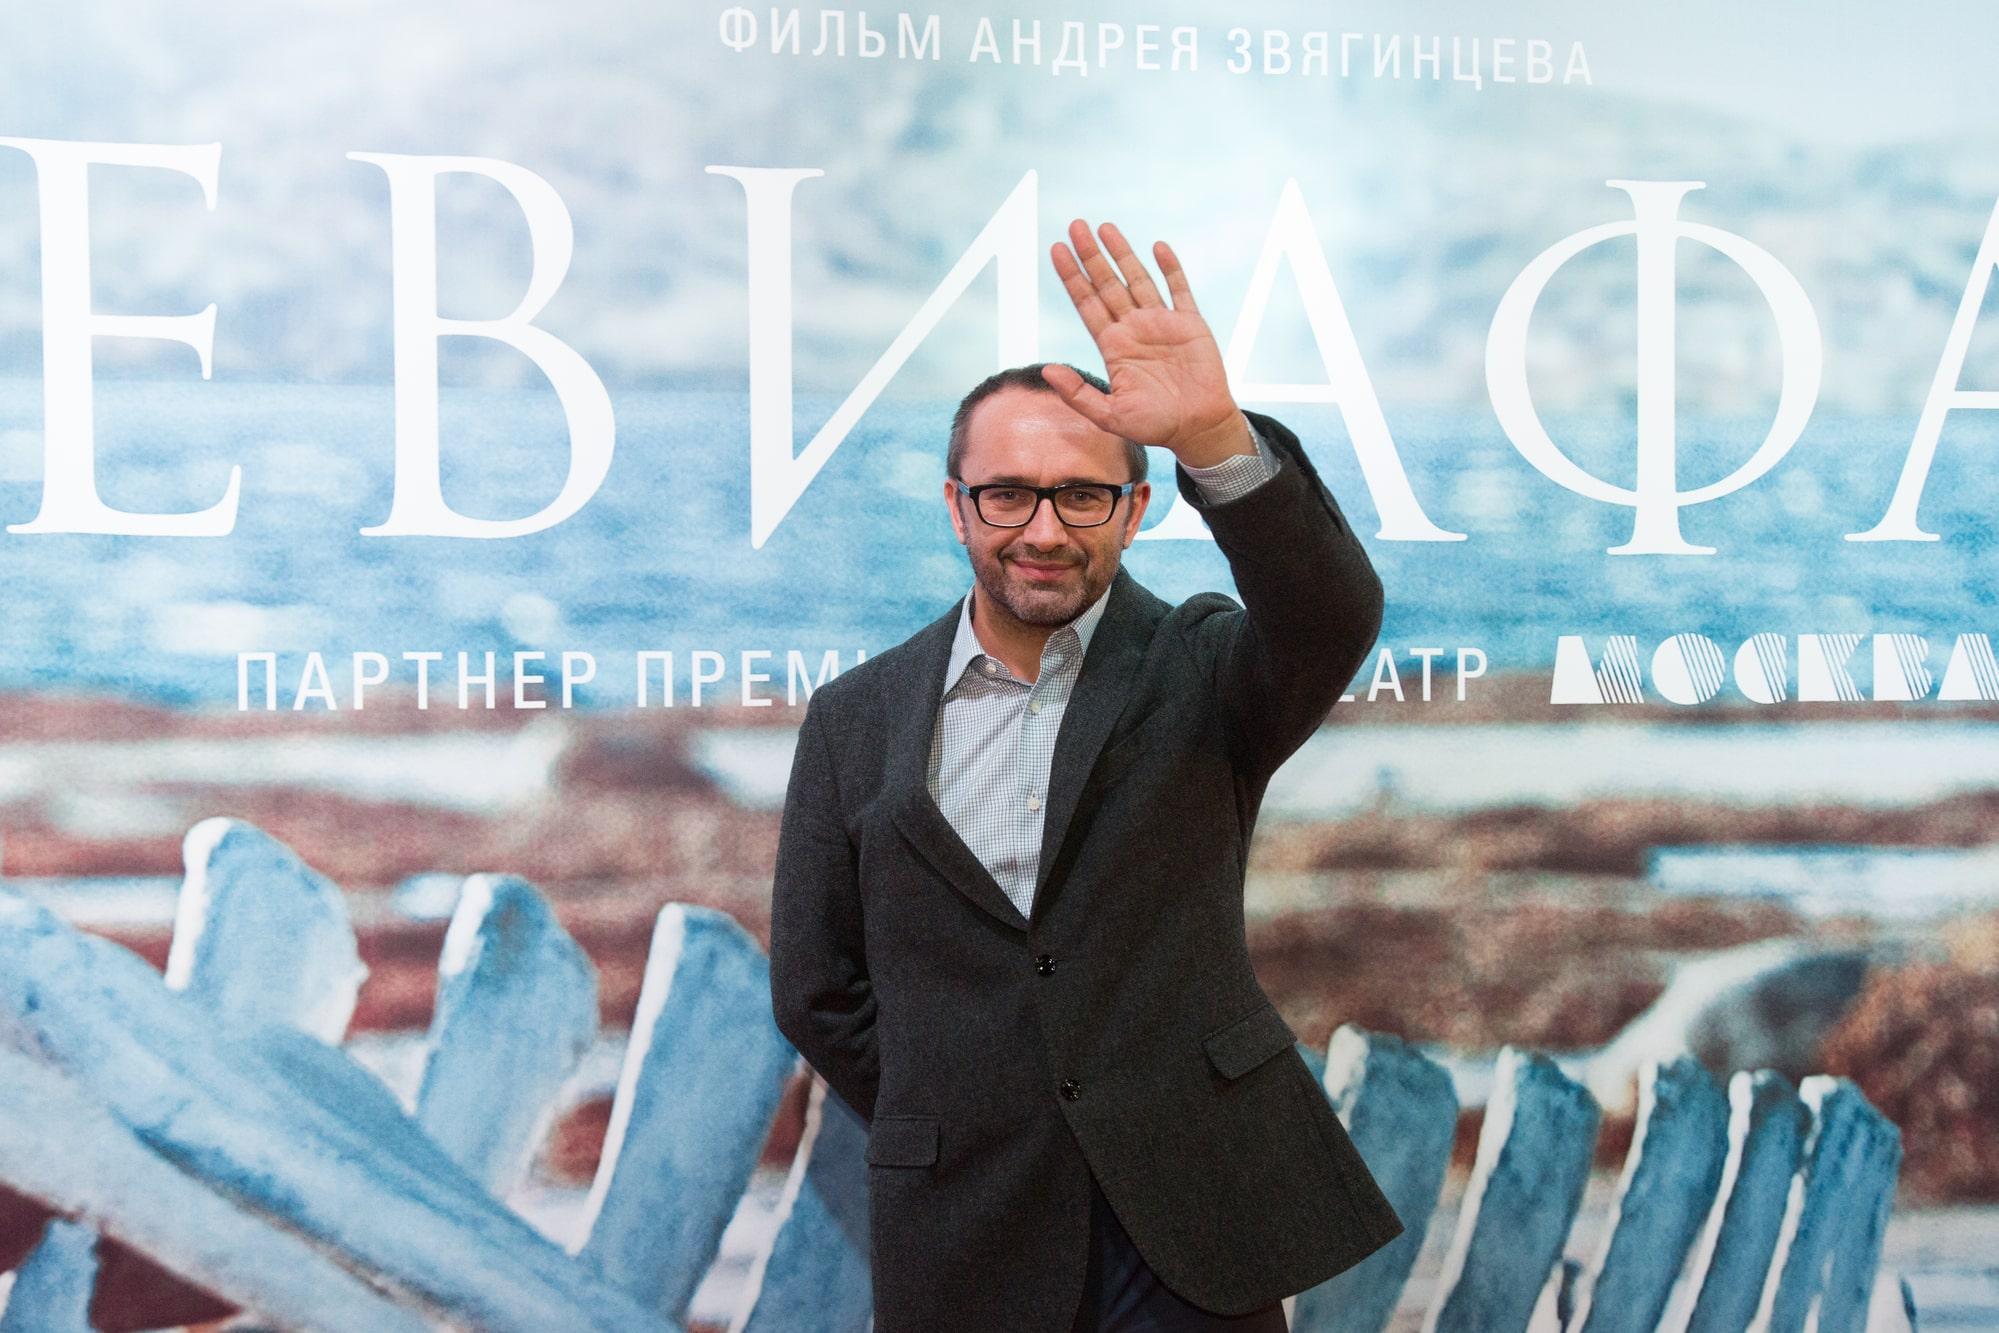 Андрей Звягинцев стал режиссером №1 в России